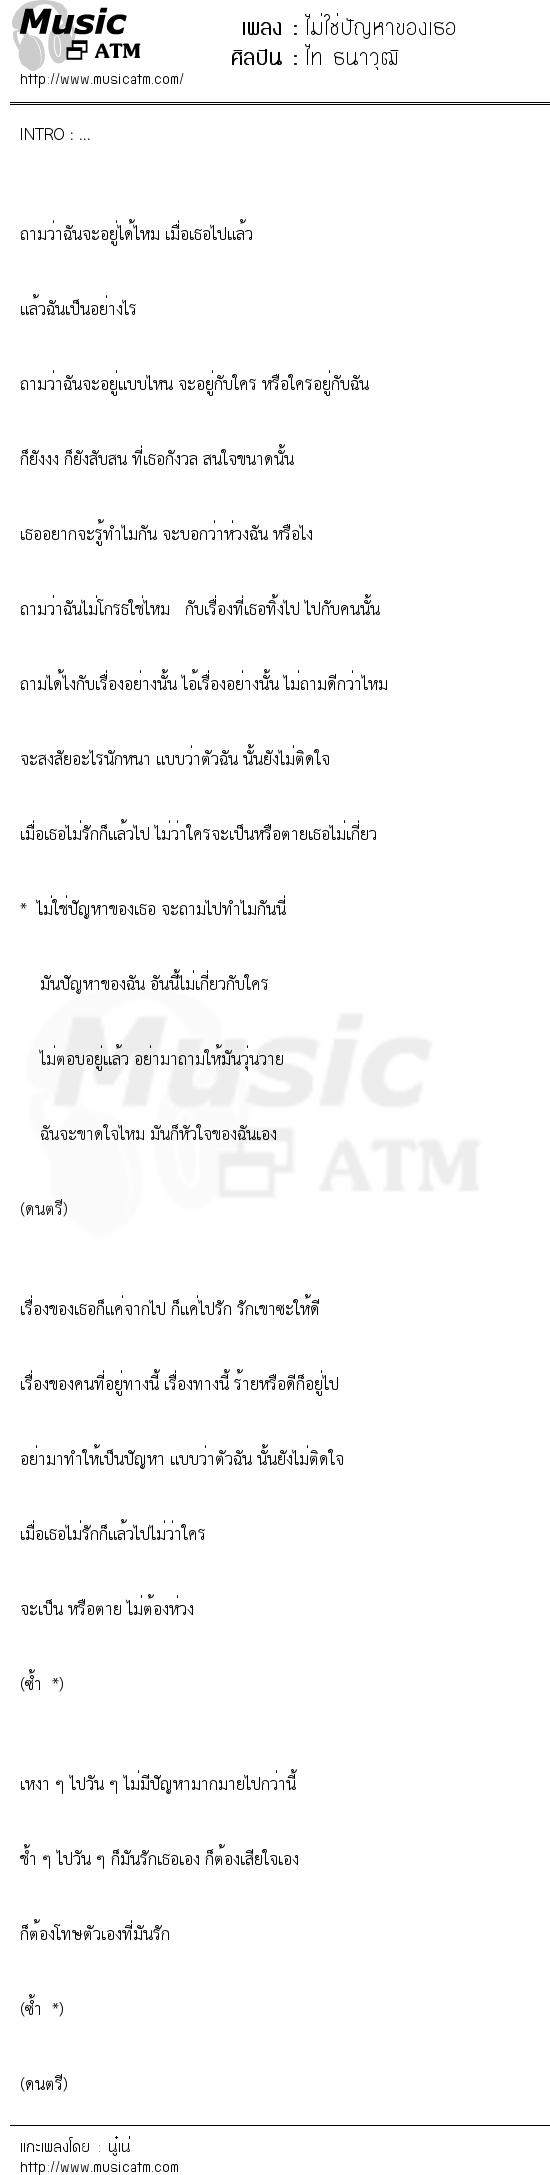 เนื้อเพลง ไม่ใช่ปัญหาของเธอ - ไท ธนาวุฒิ   เพลงไทย